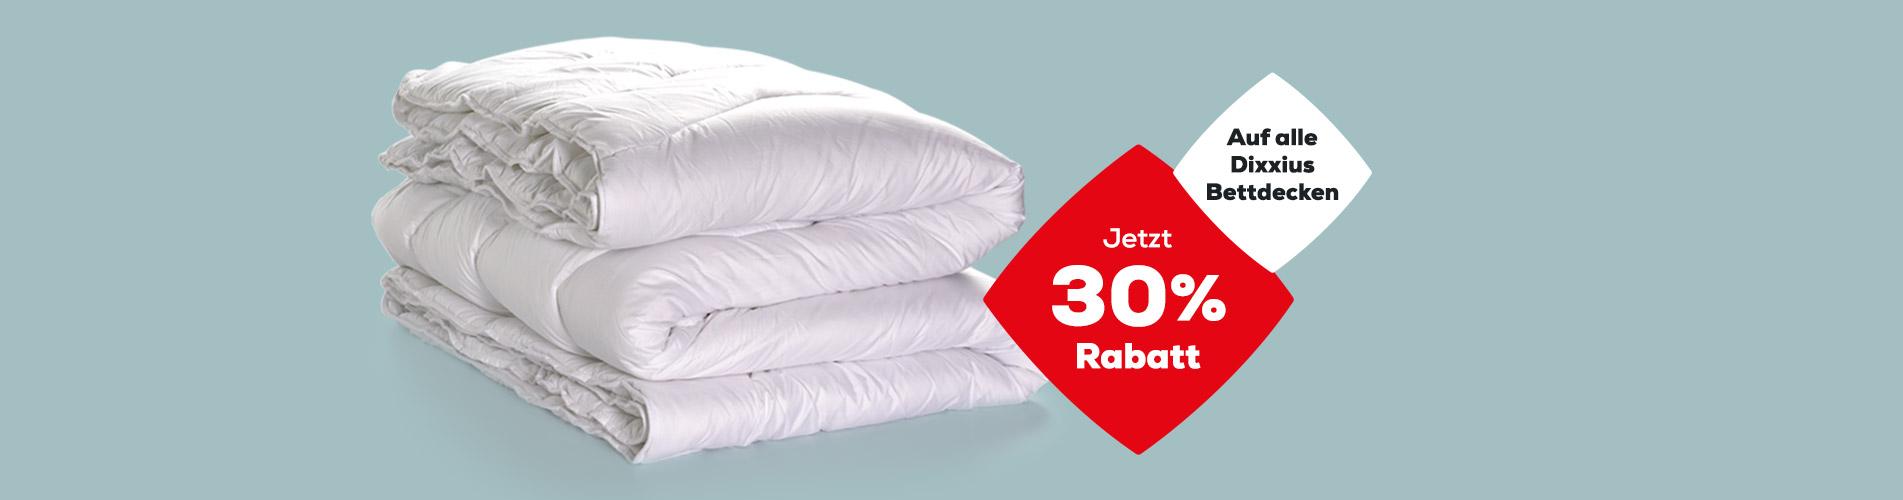 Letzte Tage 30% Rabatt auf Dixxius Bettdecken | Swiss Sense